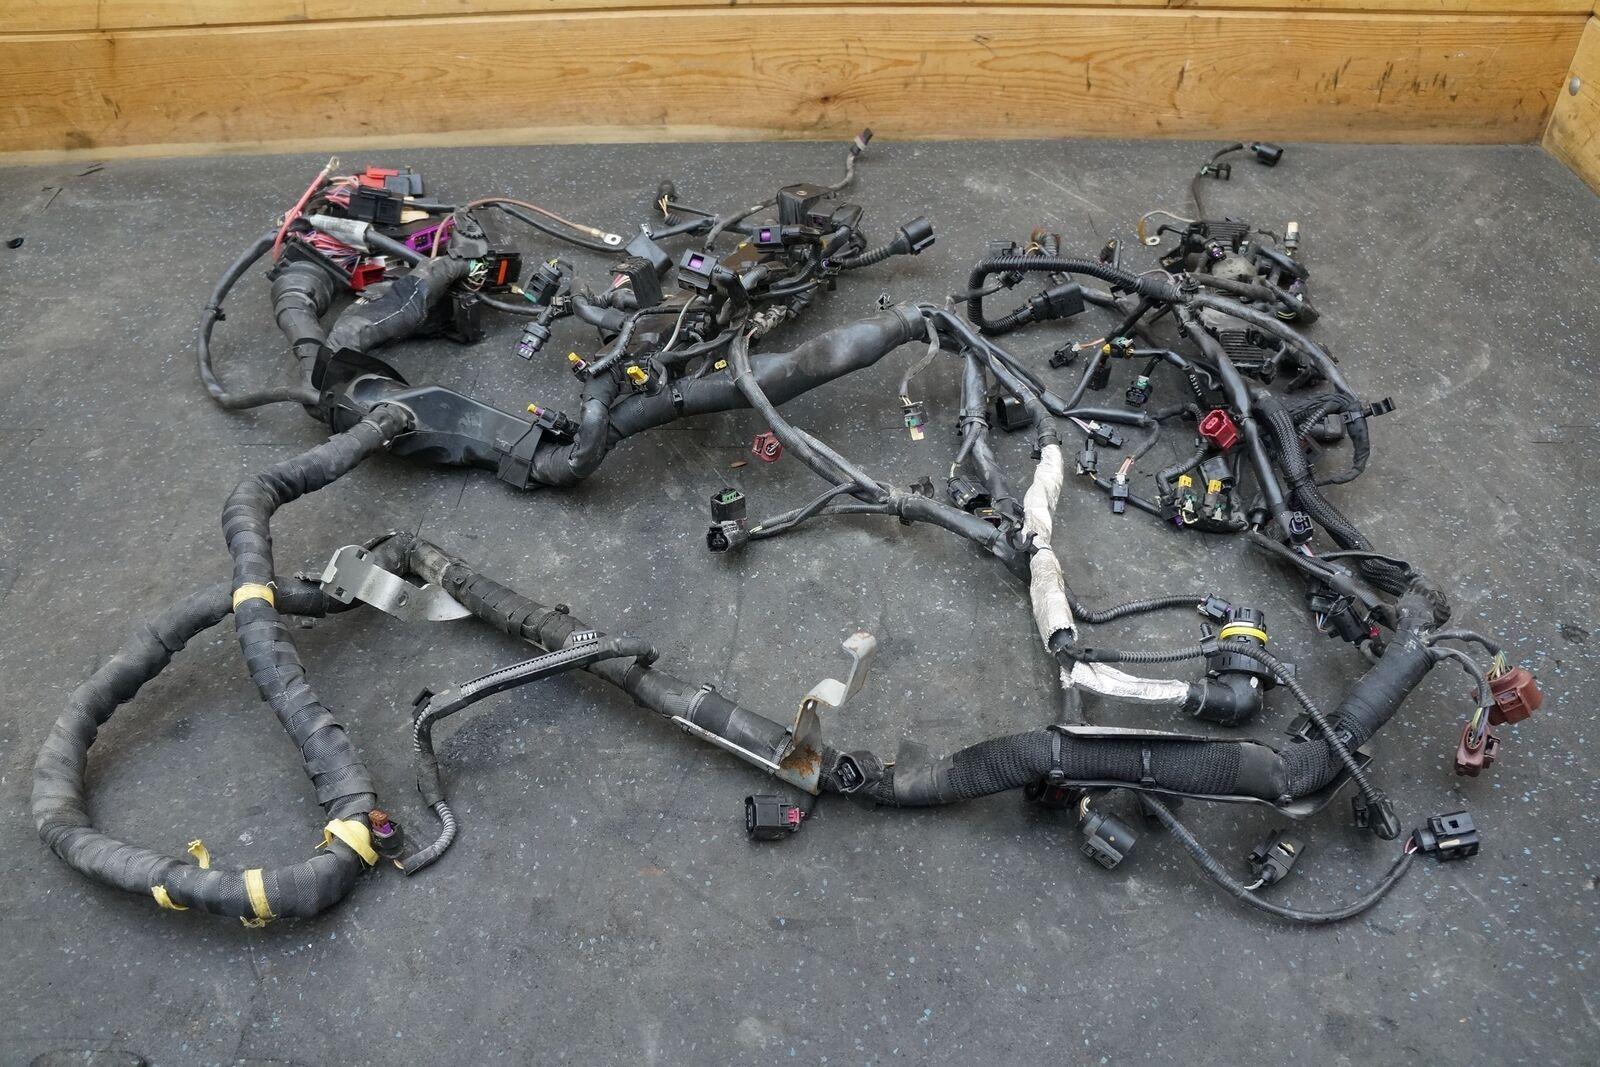 Engine Wiring Harness - Wire Data Schema • on suspension harness, bmw 2 8 engine wire harness, engine harmonic balancer, hoist harness, dodge sprinter engine harness, oem engine wire harness, engine control module,